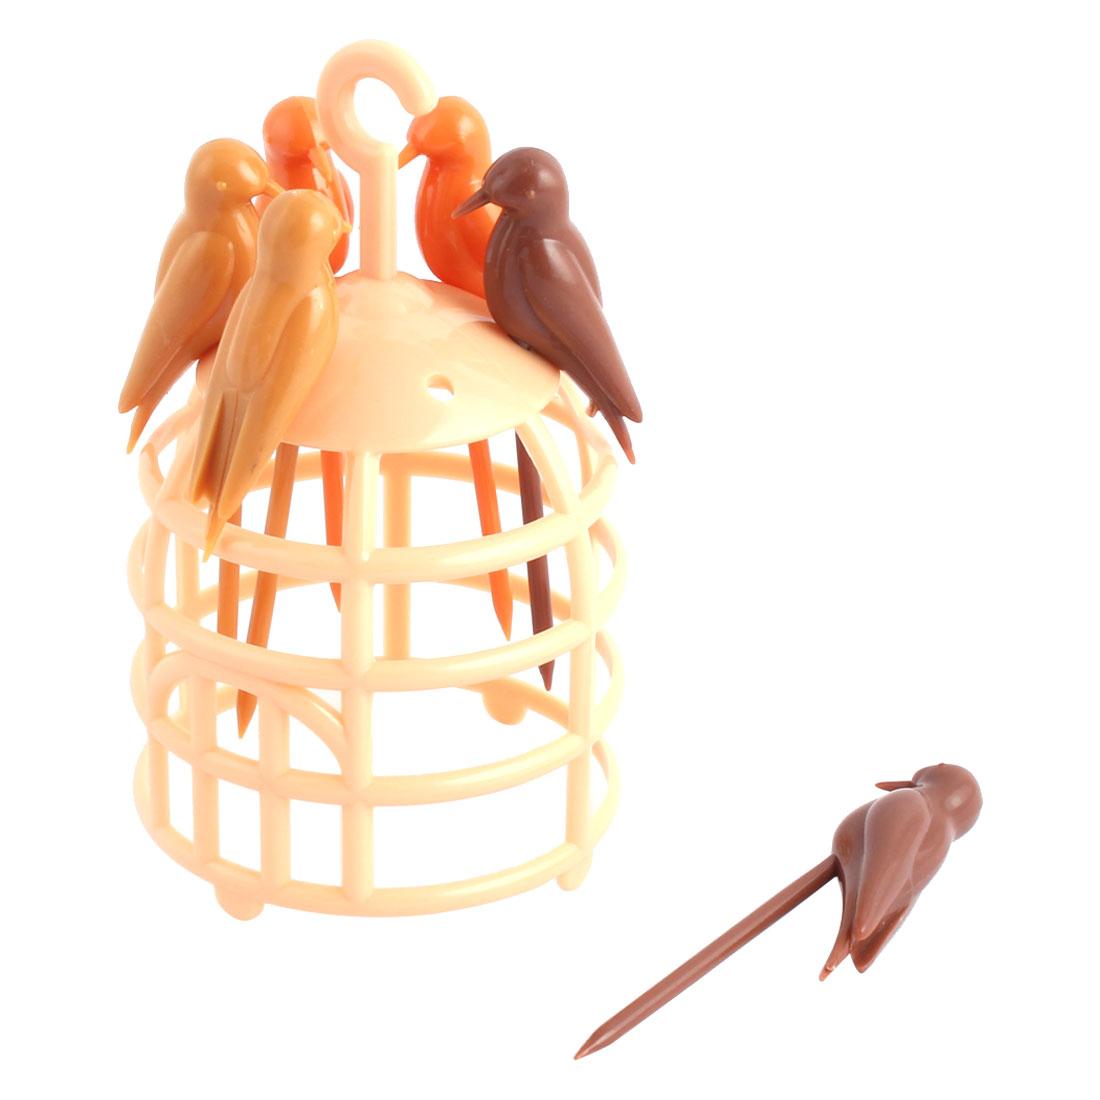 Plastic Birds Cage Shape Fruit Fork Holder Dessert Cake Decor Forks Light Yellow Set